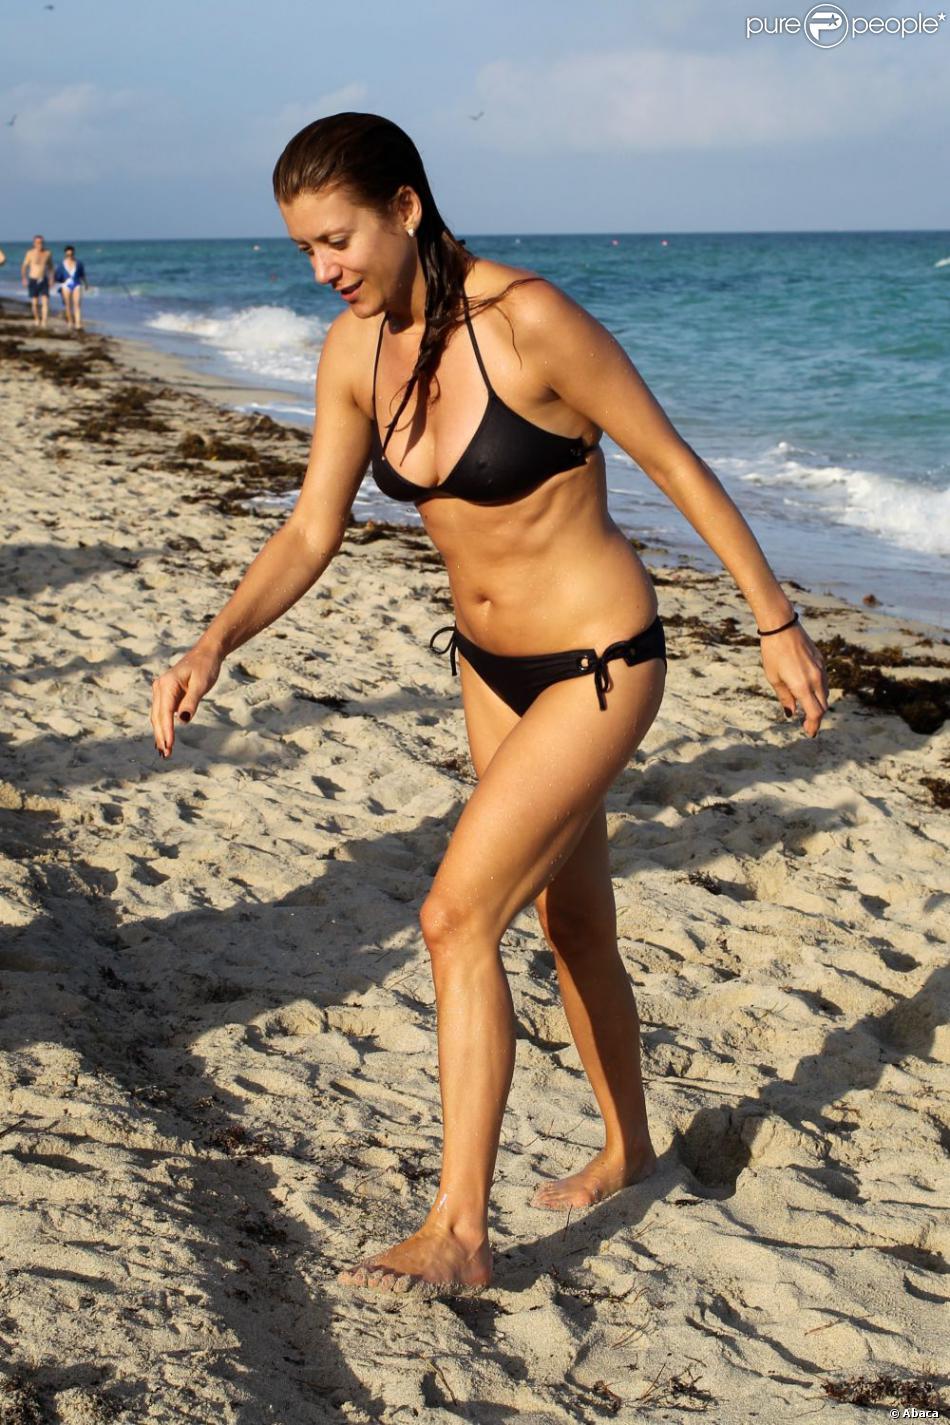 Kate Walsh, sublime, dévoile son corps en maillot de bain à Miami, le 11 décembre 2012